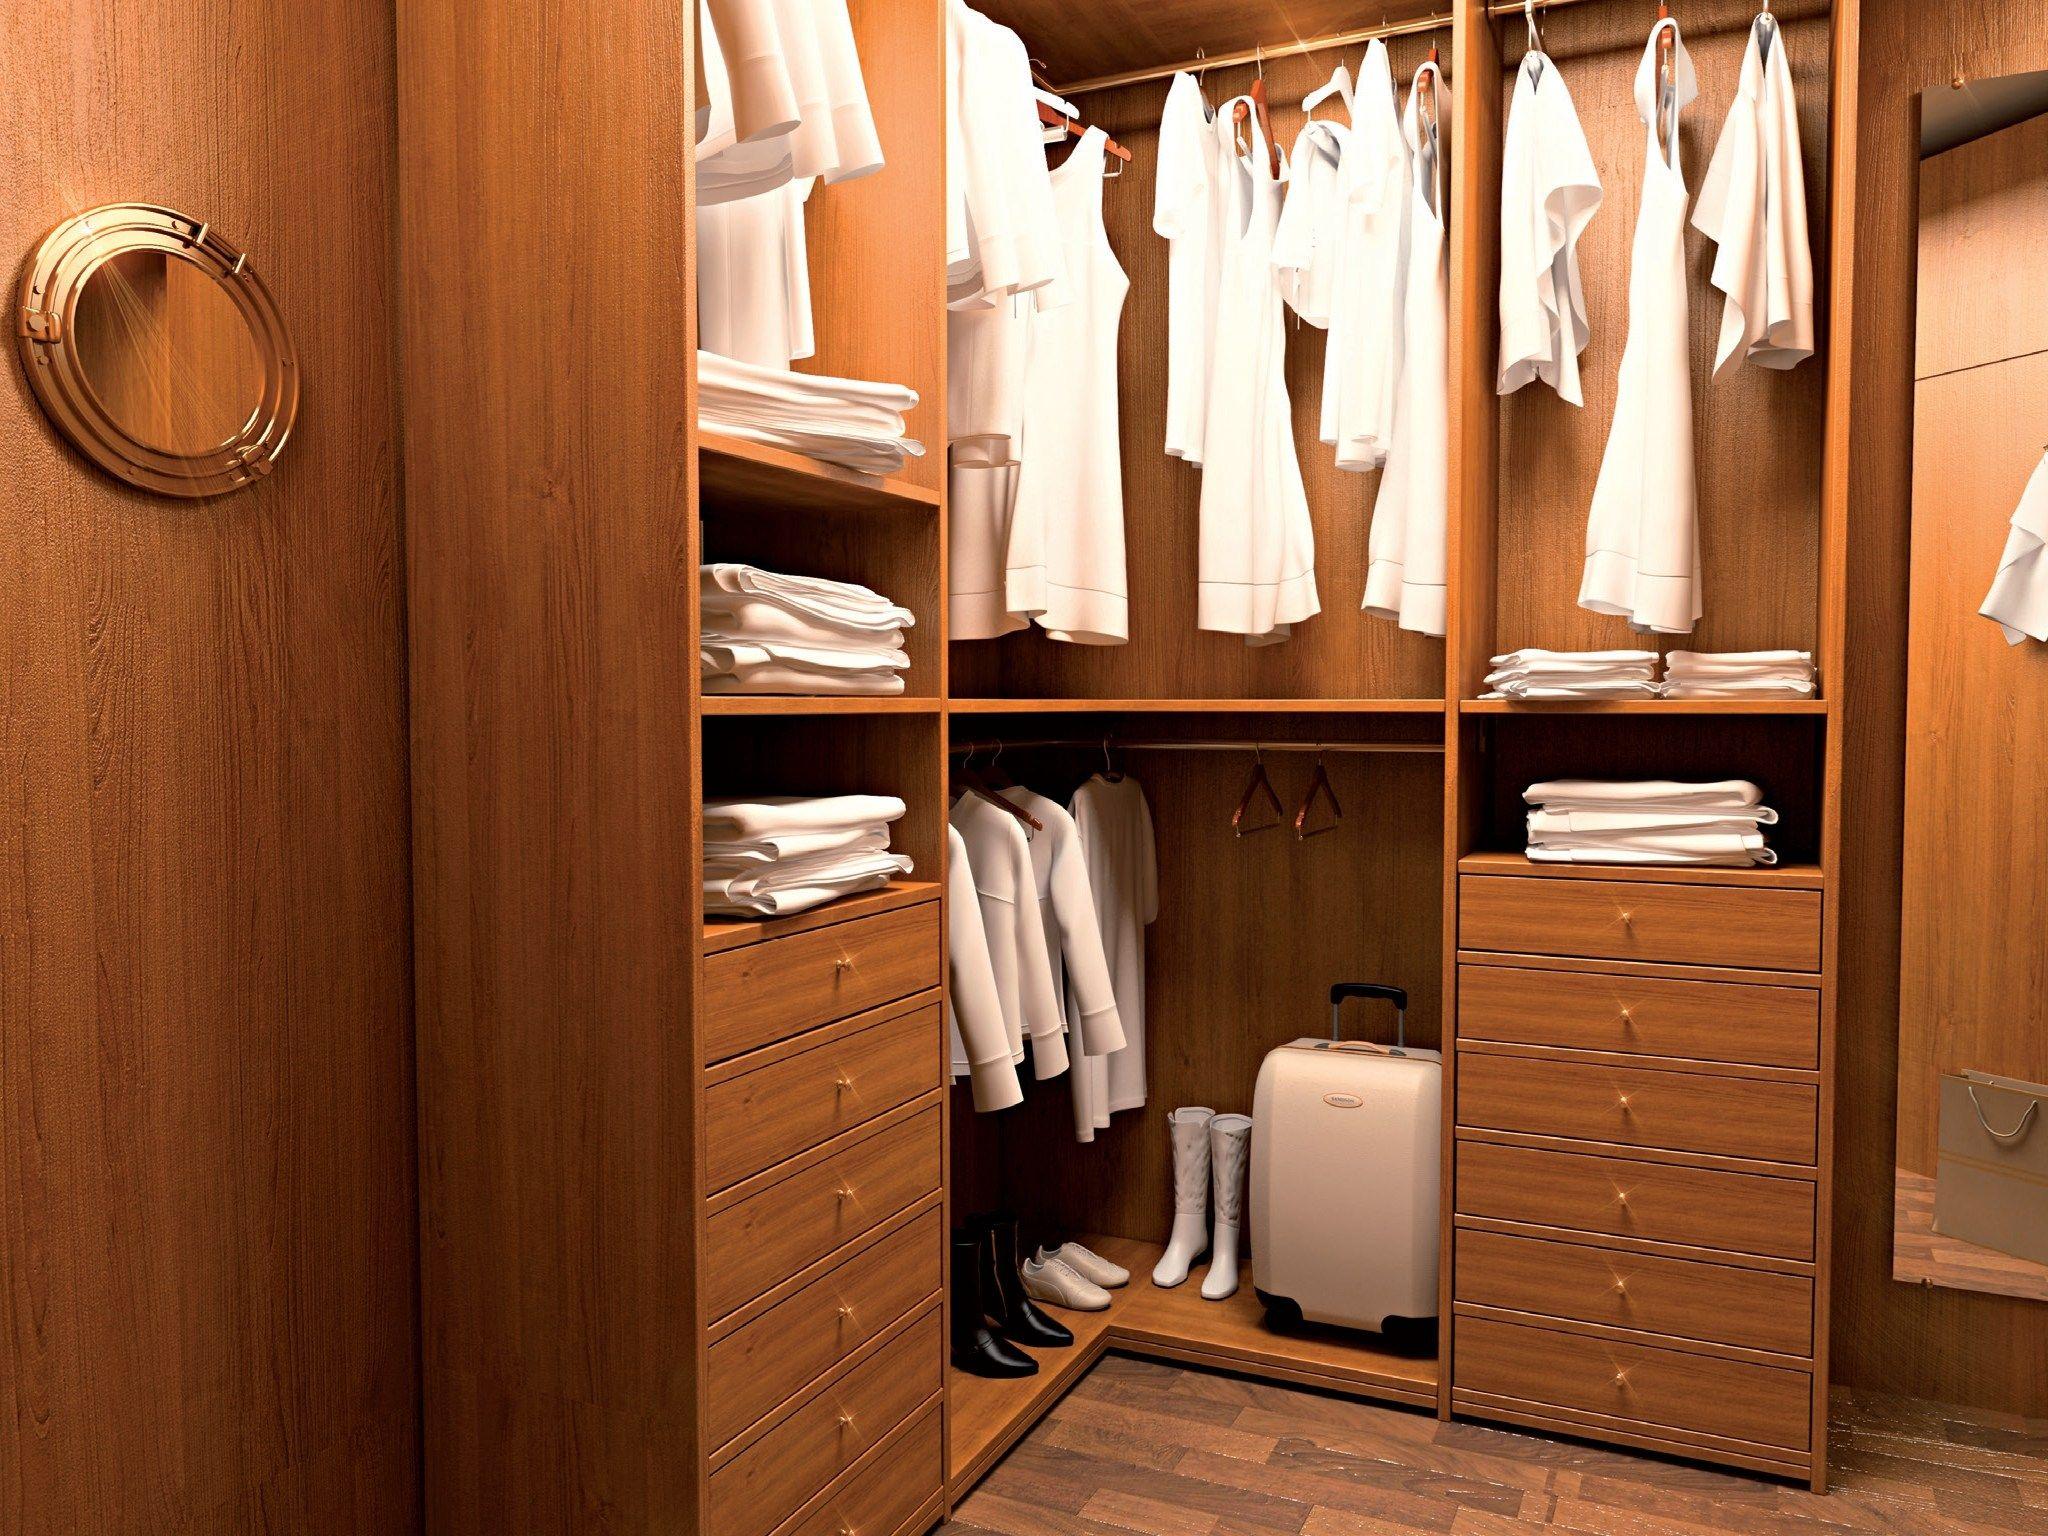 700 armario vestidor de esquina by caroti - Armario de esquina ...